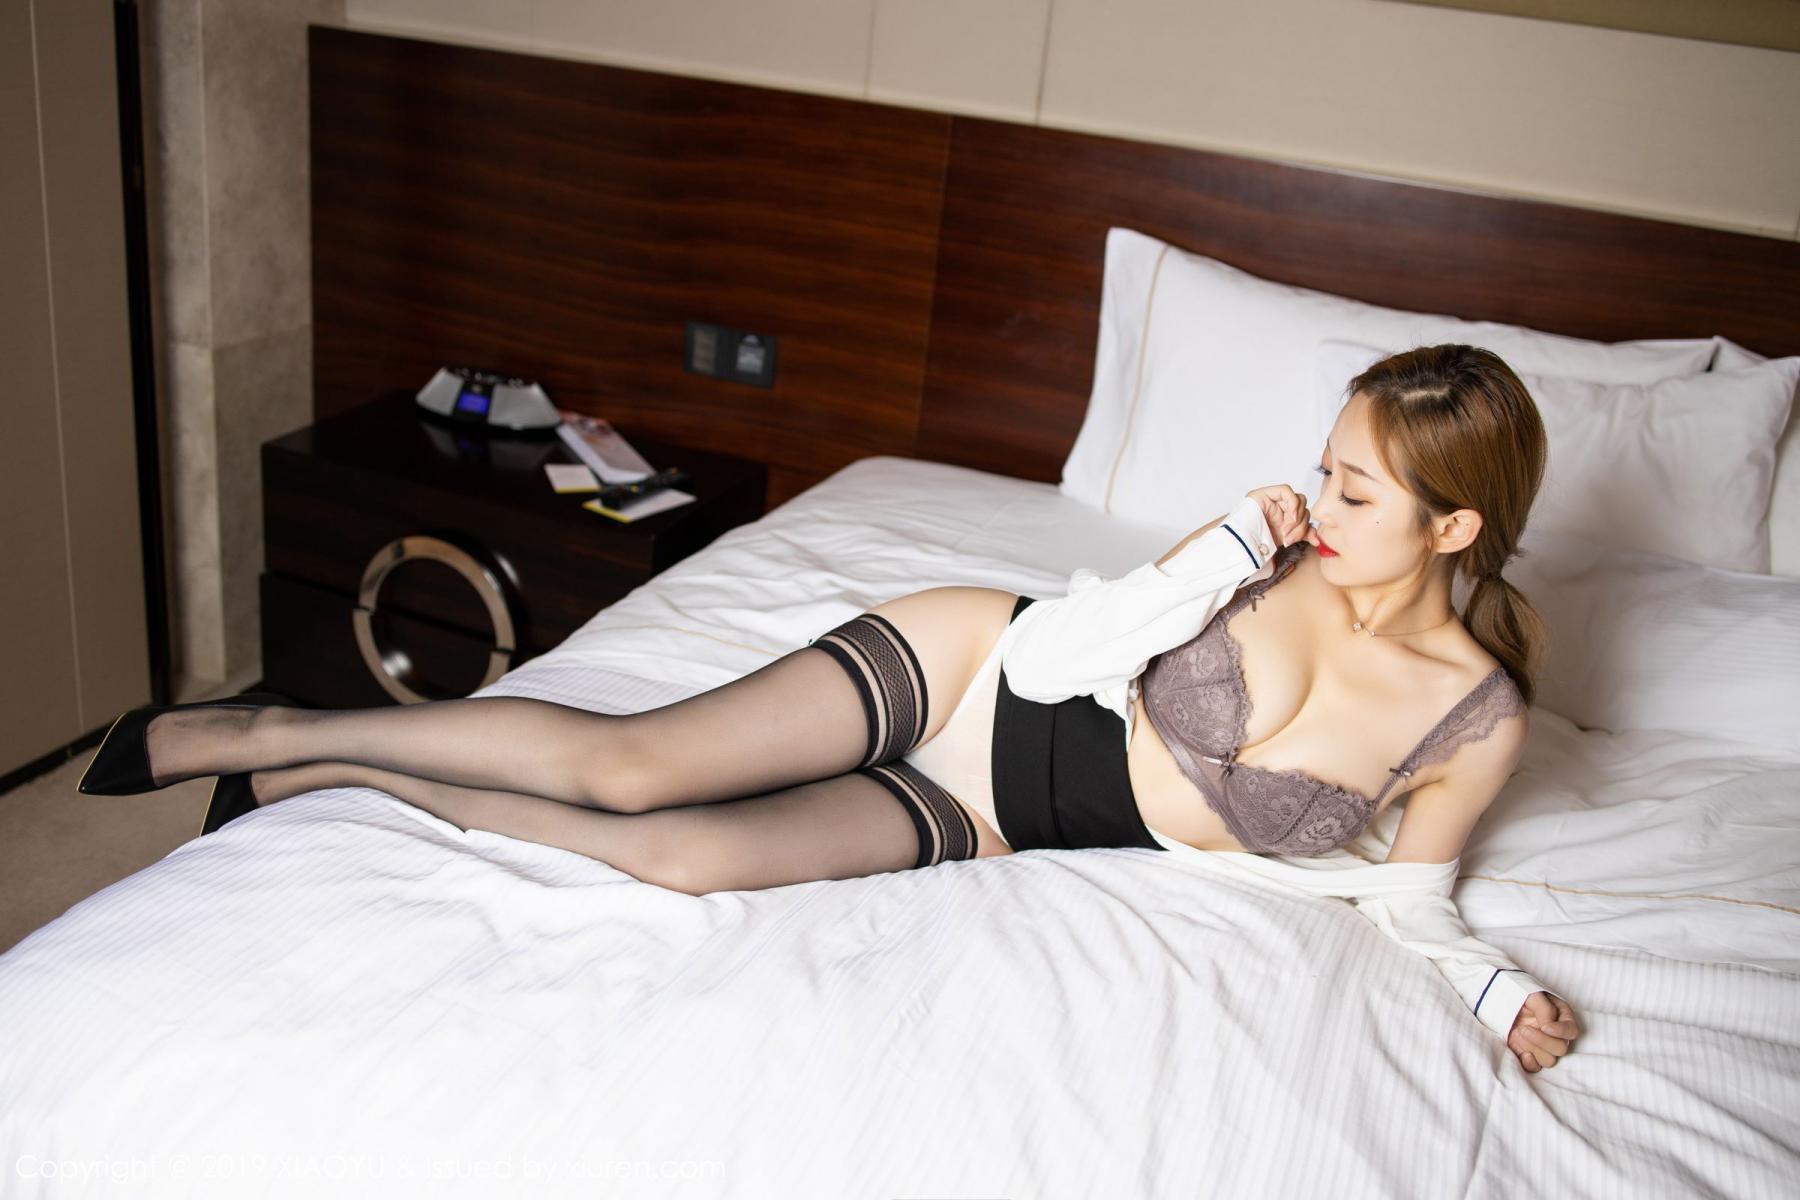 [XiaoYu] Vol.181 Yuner Claire 33P, Black Silk, Underwear, XiaoYu, Yuner Claire